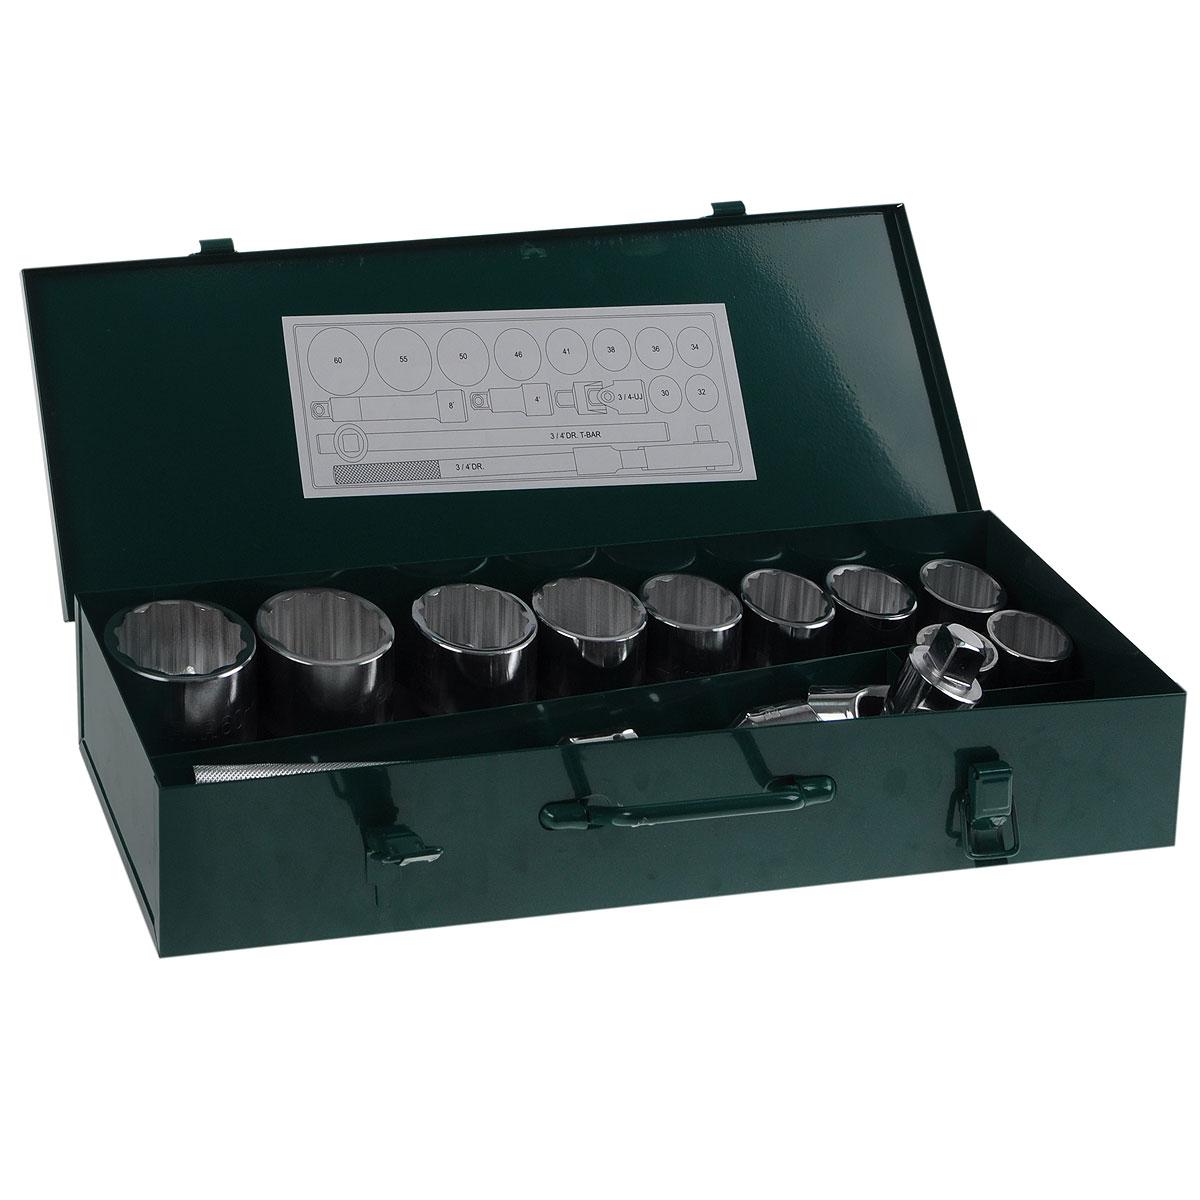 Набор торцевых головок SATA 15пр. 0901580621Набор инструментов Sata предназначен для монтажа/демонтажа резьбовых соединений. Все инструменты в наборе выполнены из высококачественной хромованадиевой стали. Металлический кейс для переноски и храненияСостав набора:Головки торцевые (12 граней): 30 мм, 32 мм, 34 мм, 36 мм, 38 мм, 41 мм, 46 мм, 50 мм, 55 мм, 60 мм.Быстросъемная храповая рукоятка 3/4.Вороток со скользящей перекладиной 3/4.Удлинители длиной 4 дюйма и 8 дюймовКарданный шарнир.